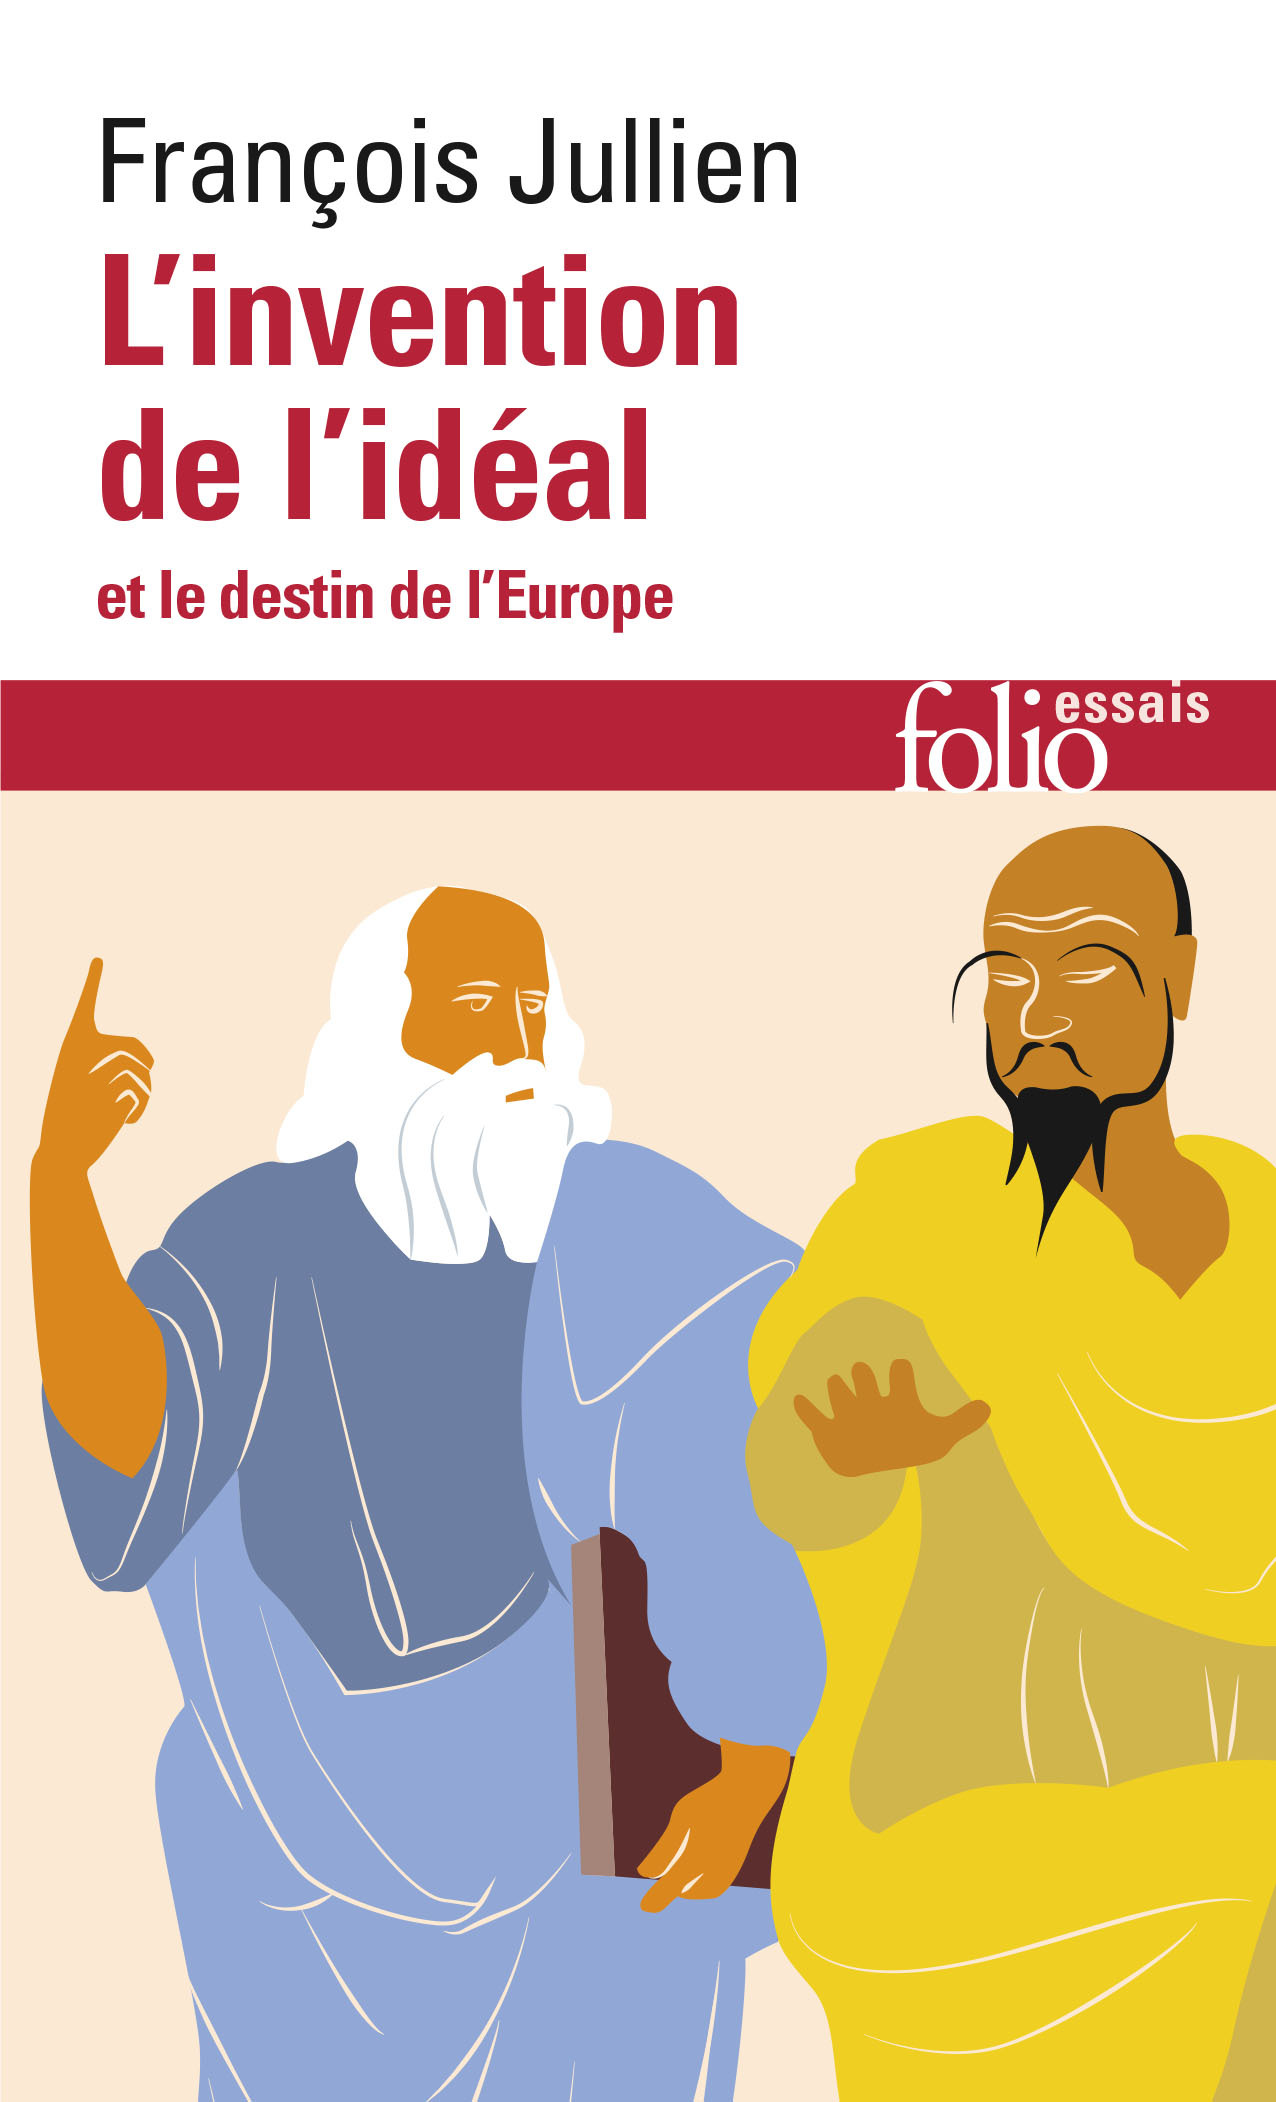 L'INVENTION DE L'IDEAL ET LE DESTIN DE L'EUROPE